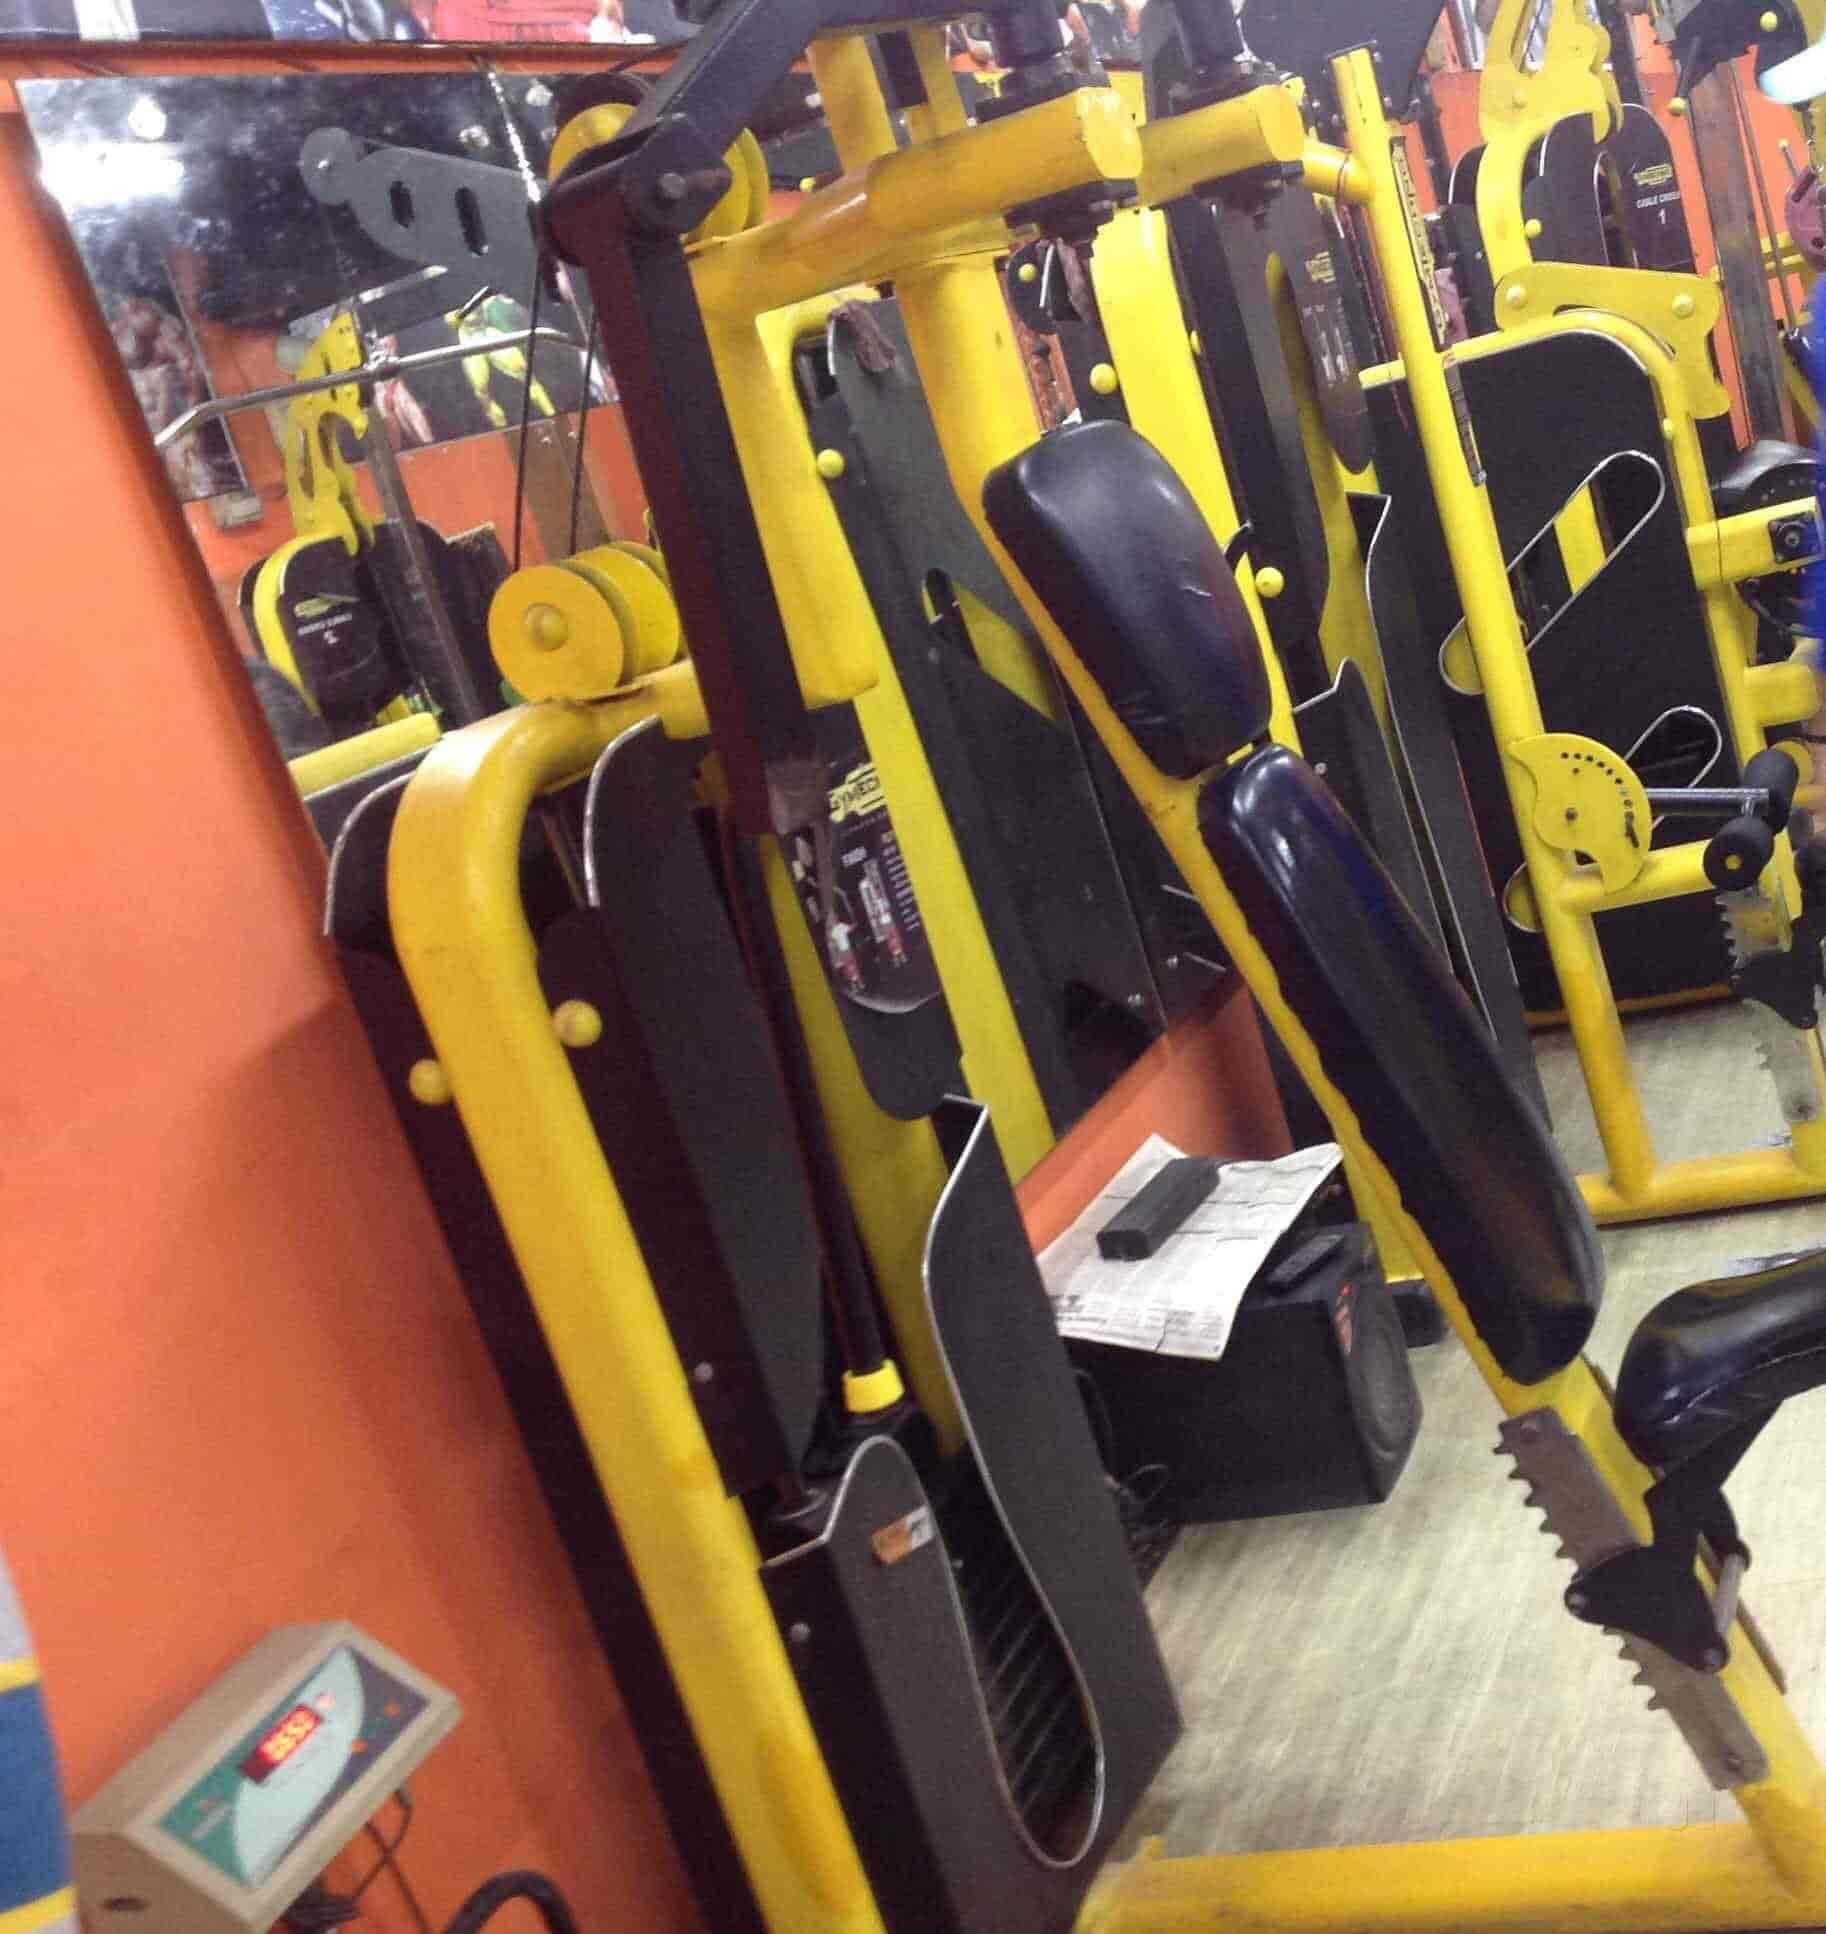 Gym extream